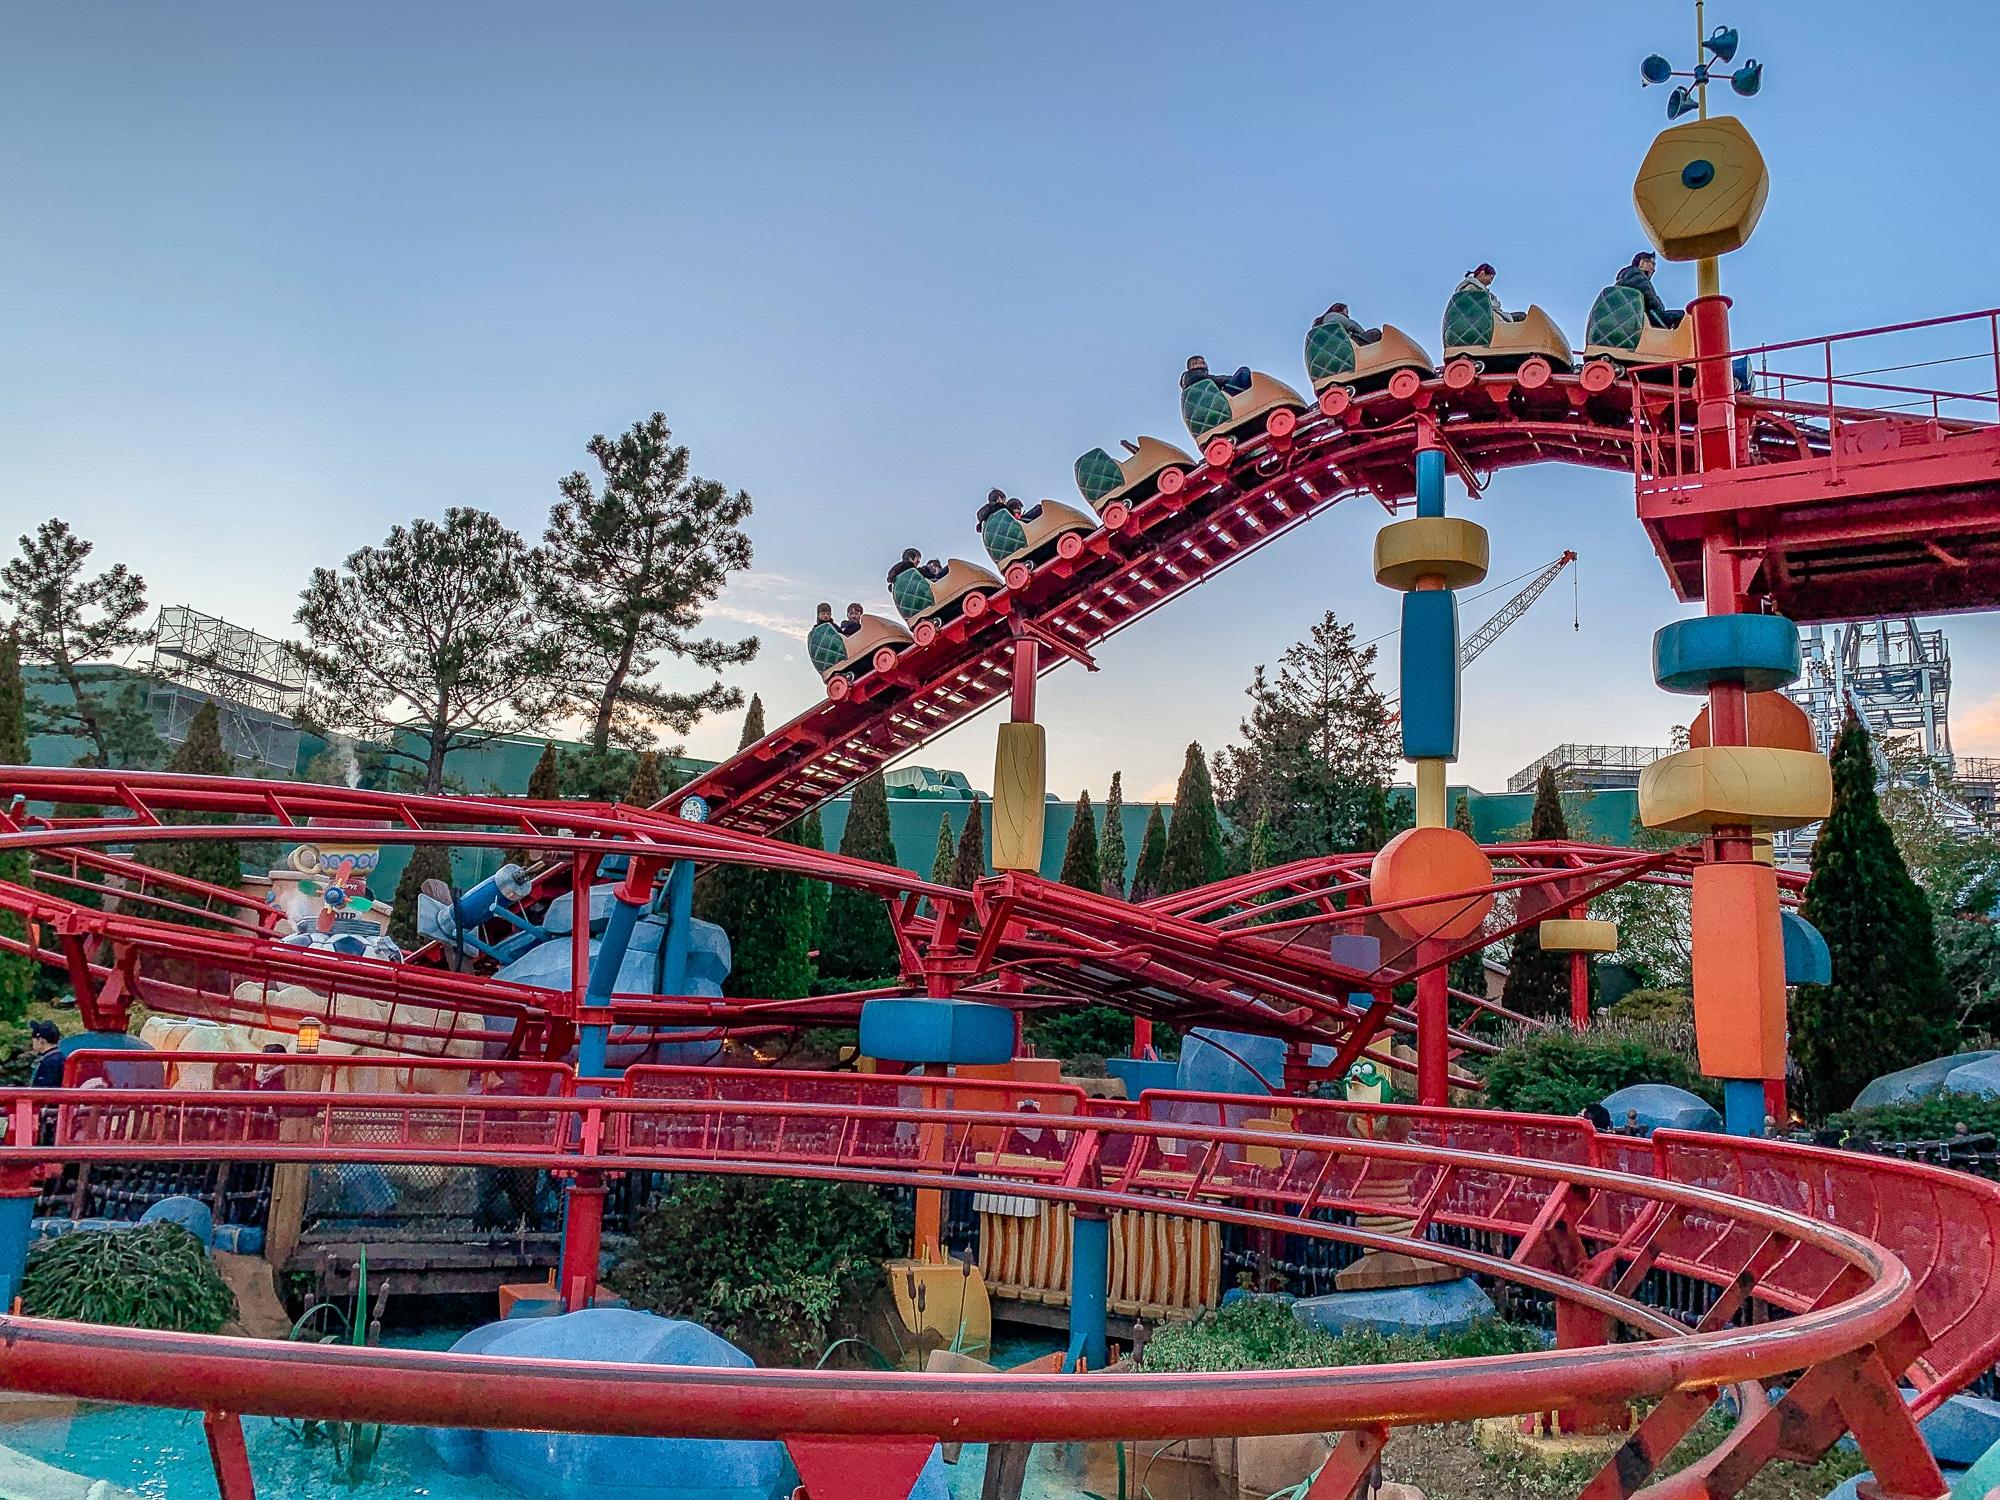 Disneyland Tokio: Meine Erfahrungen, Attraktionen und Highlights im Park - Toontown Achterbahn